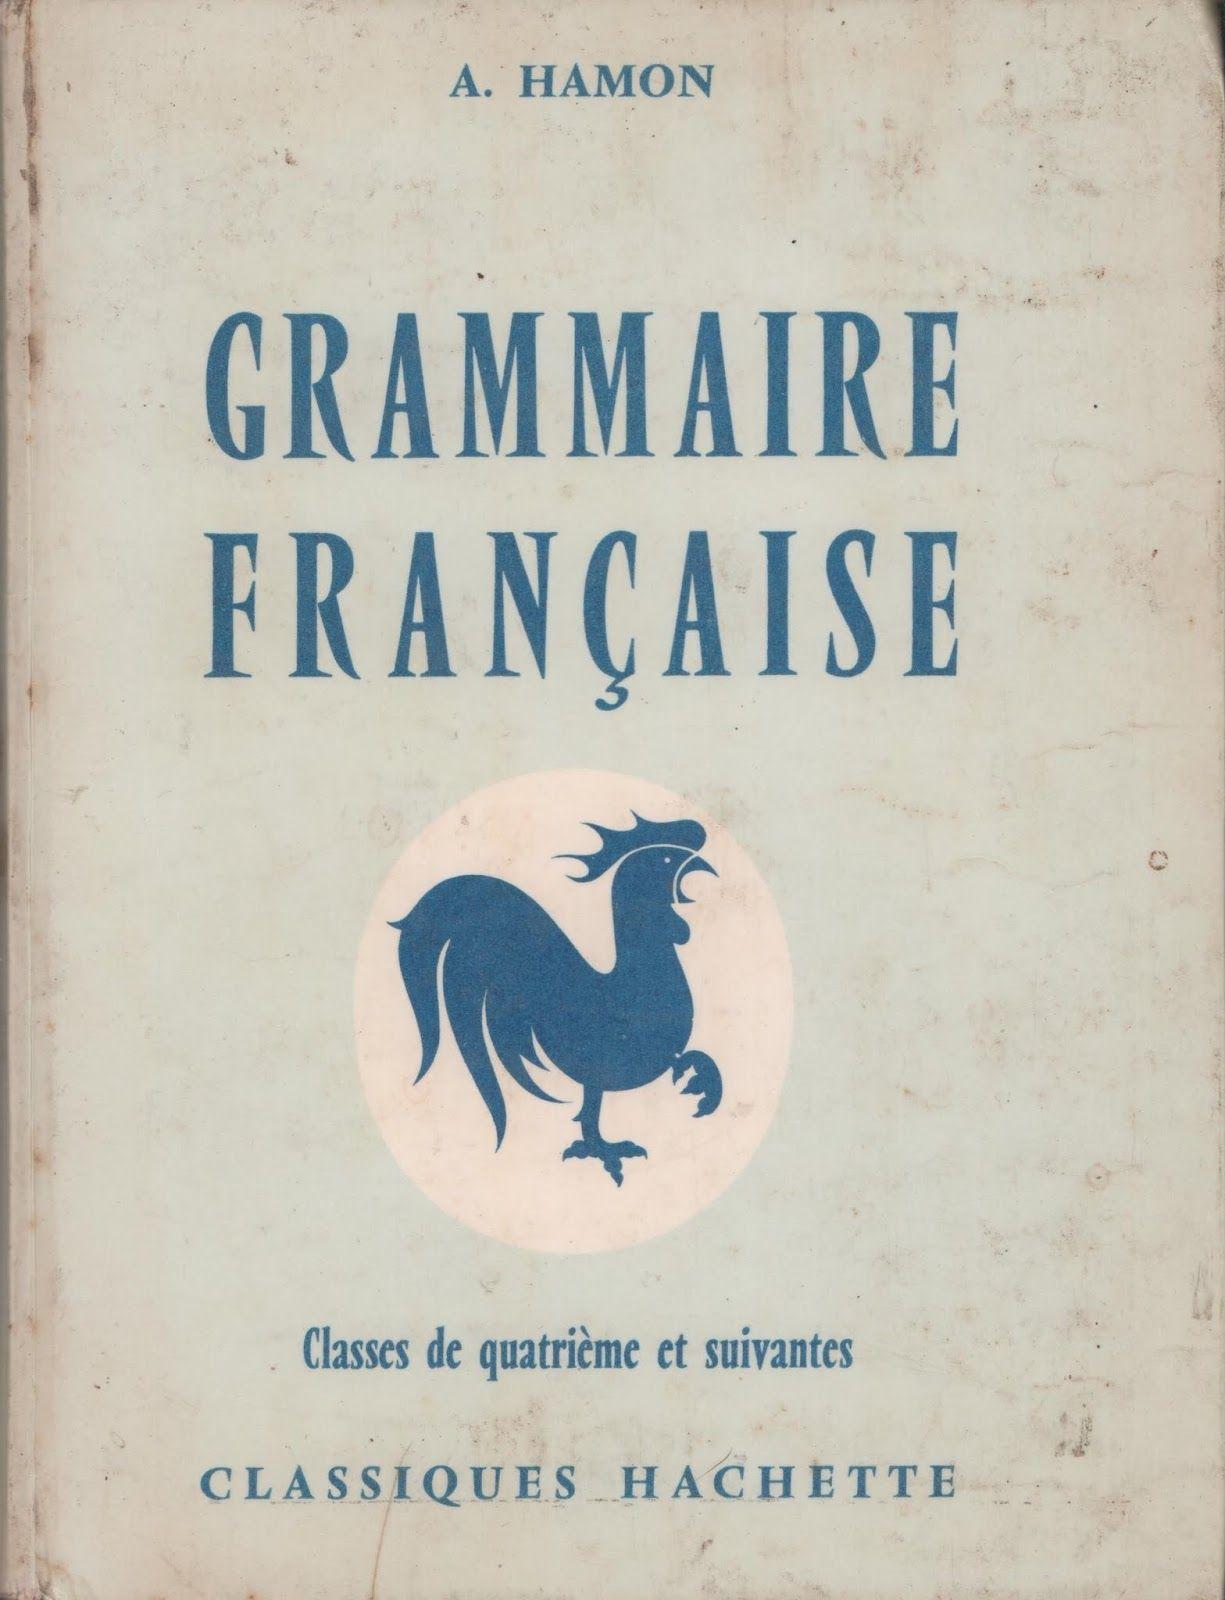 Hamon Grammaire Francaise 4e 1962 Francais College